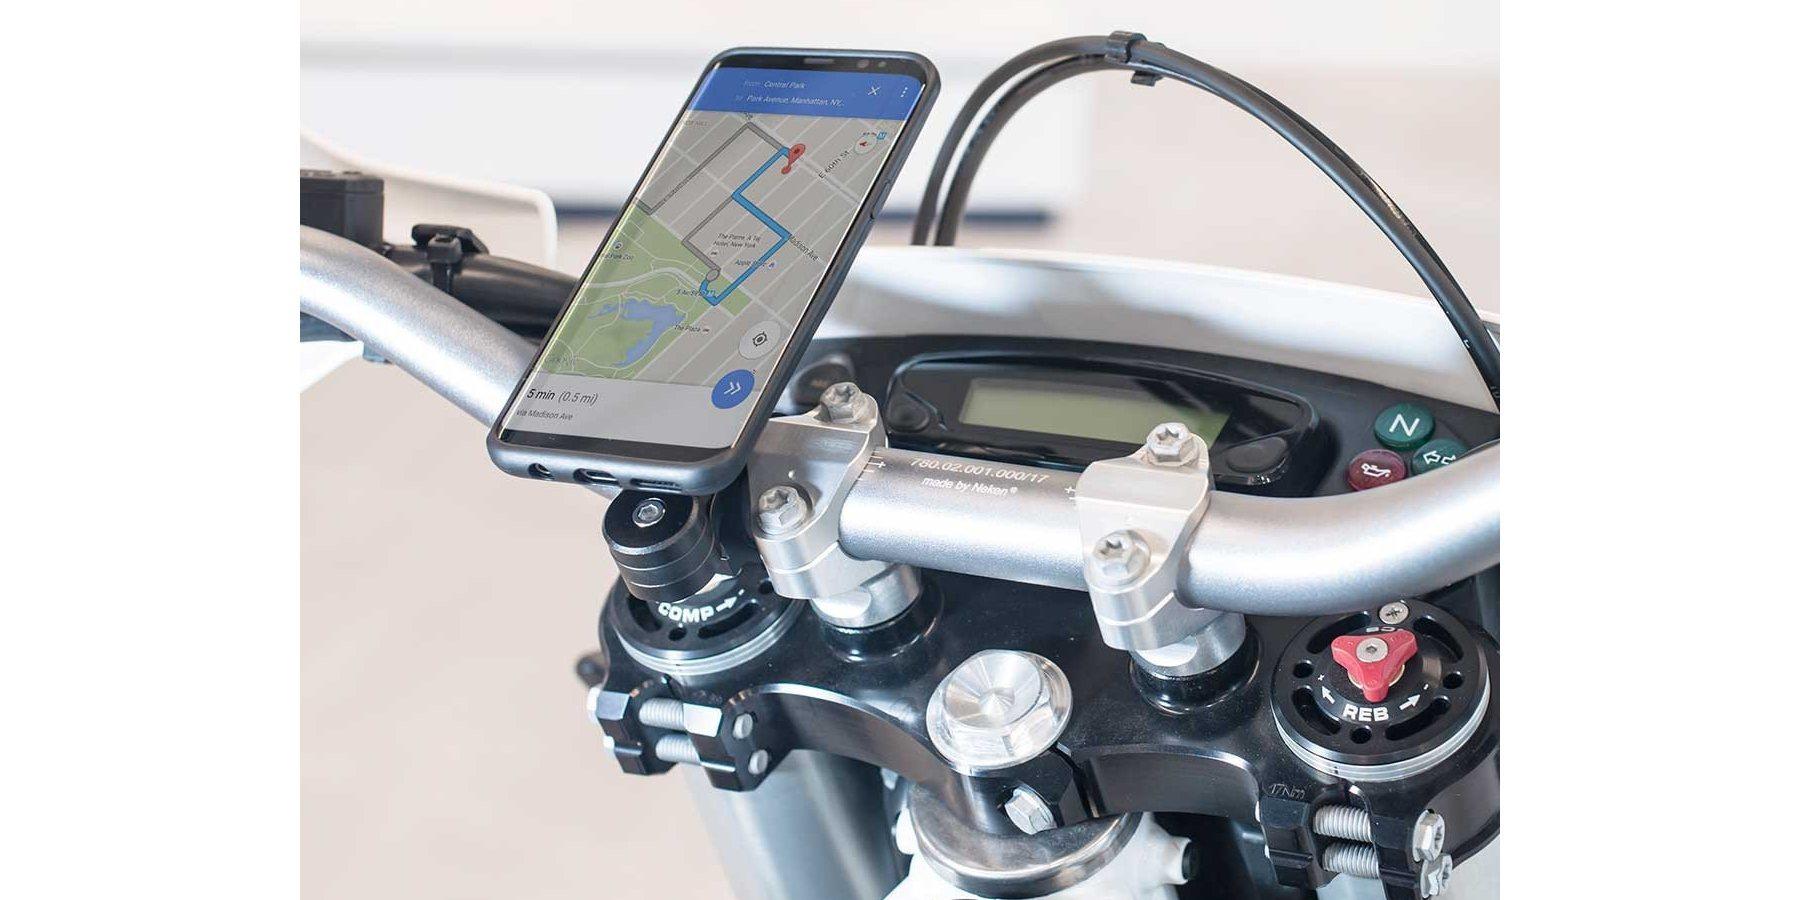 Набор универсальных креплений для смартфона на мотоцикл Spc Moto Bundle Universal пример использования